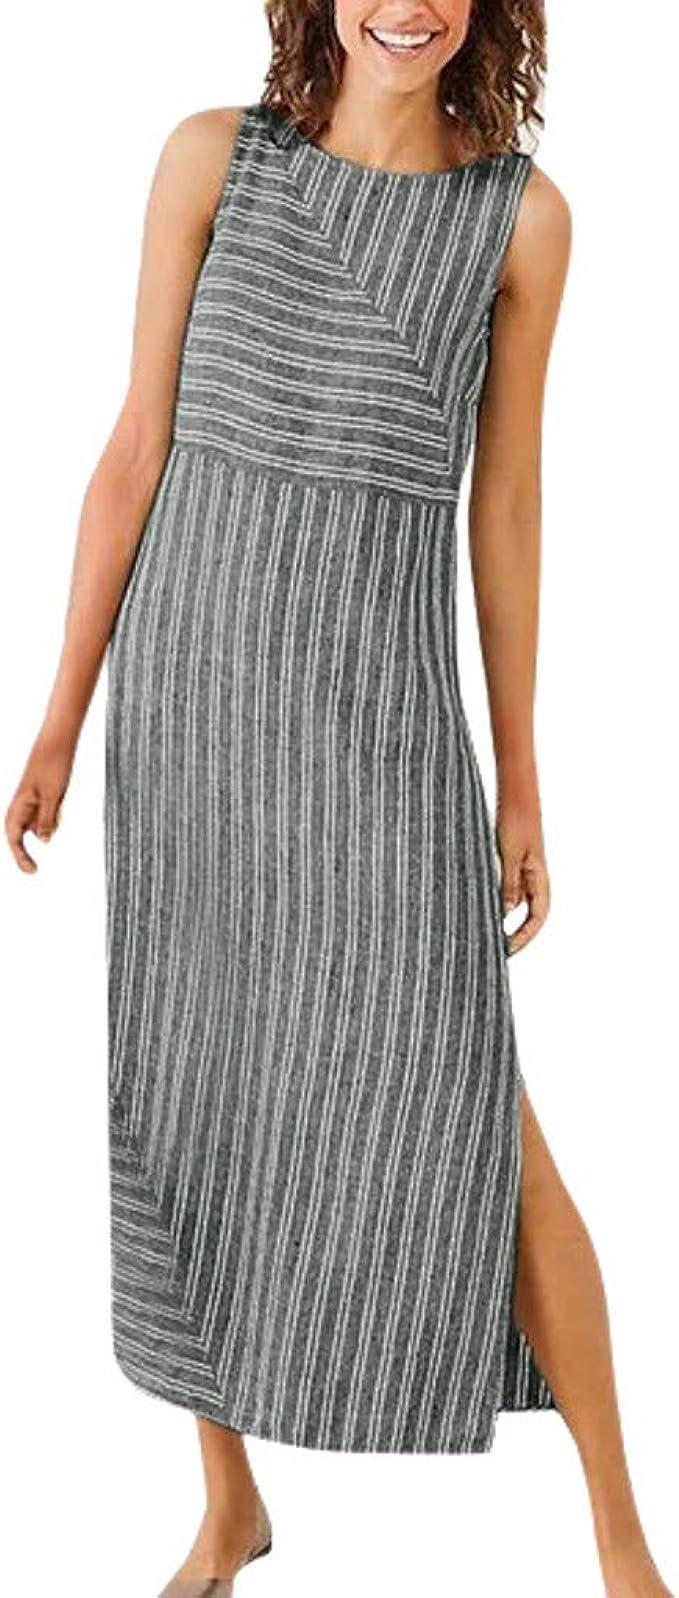 Damen Gestreift Taschen Freizeitkleid Riemchen Minikleid Sommerkleid Shirtkleid